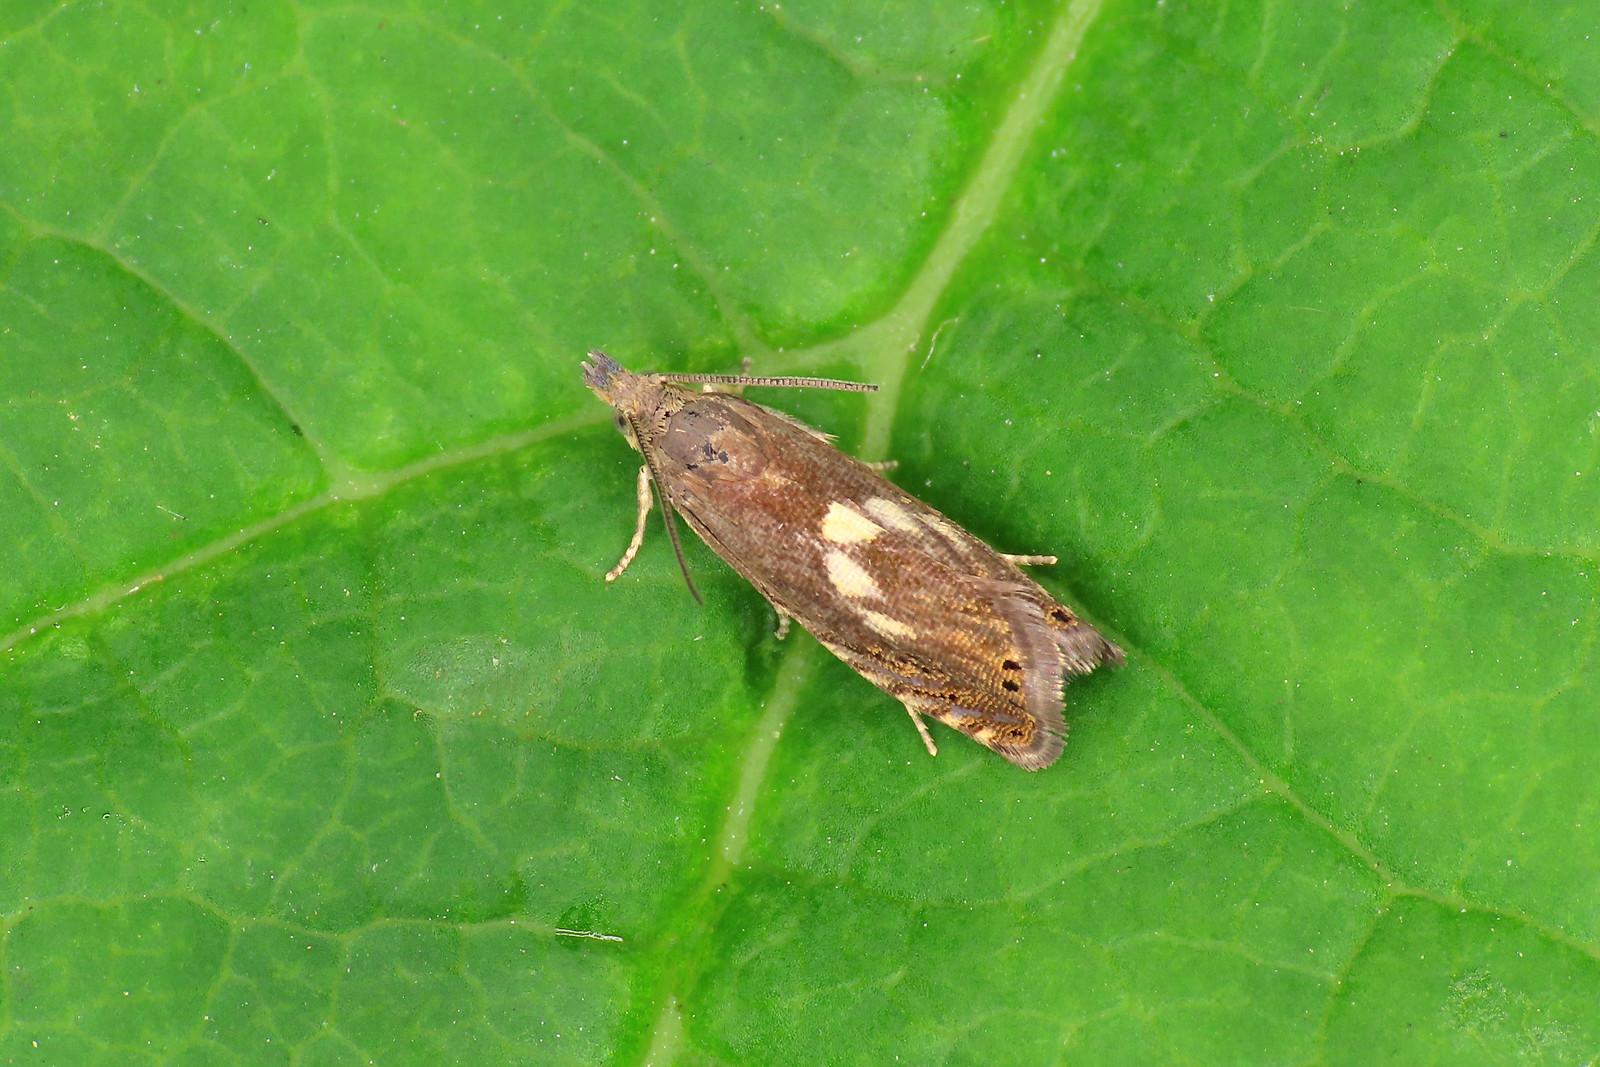 49.321 Common Drill - Dichrorampha petiverella